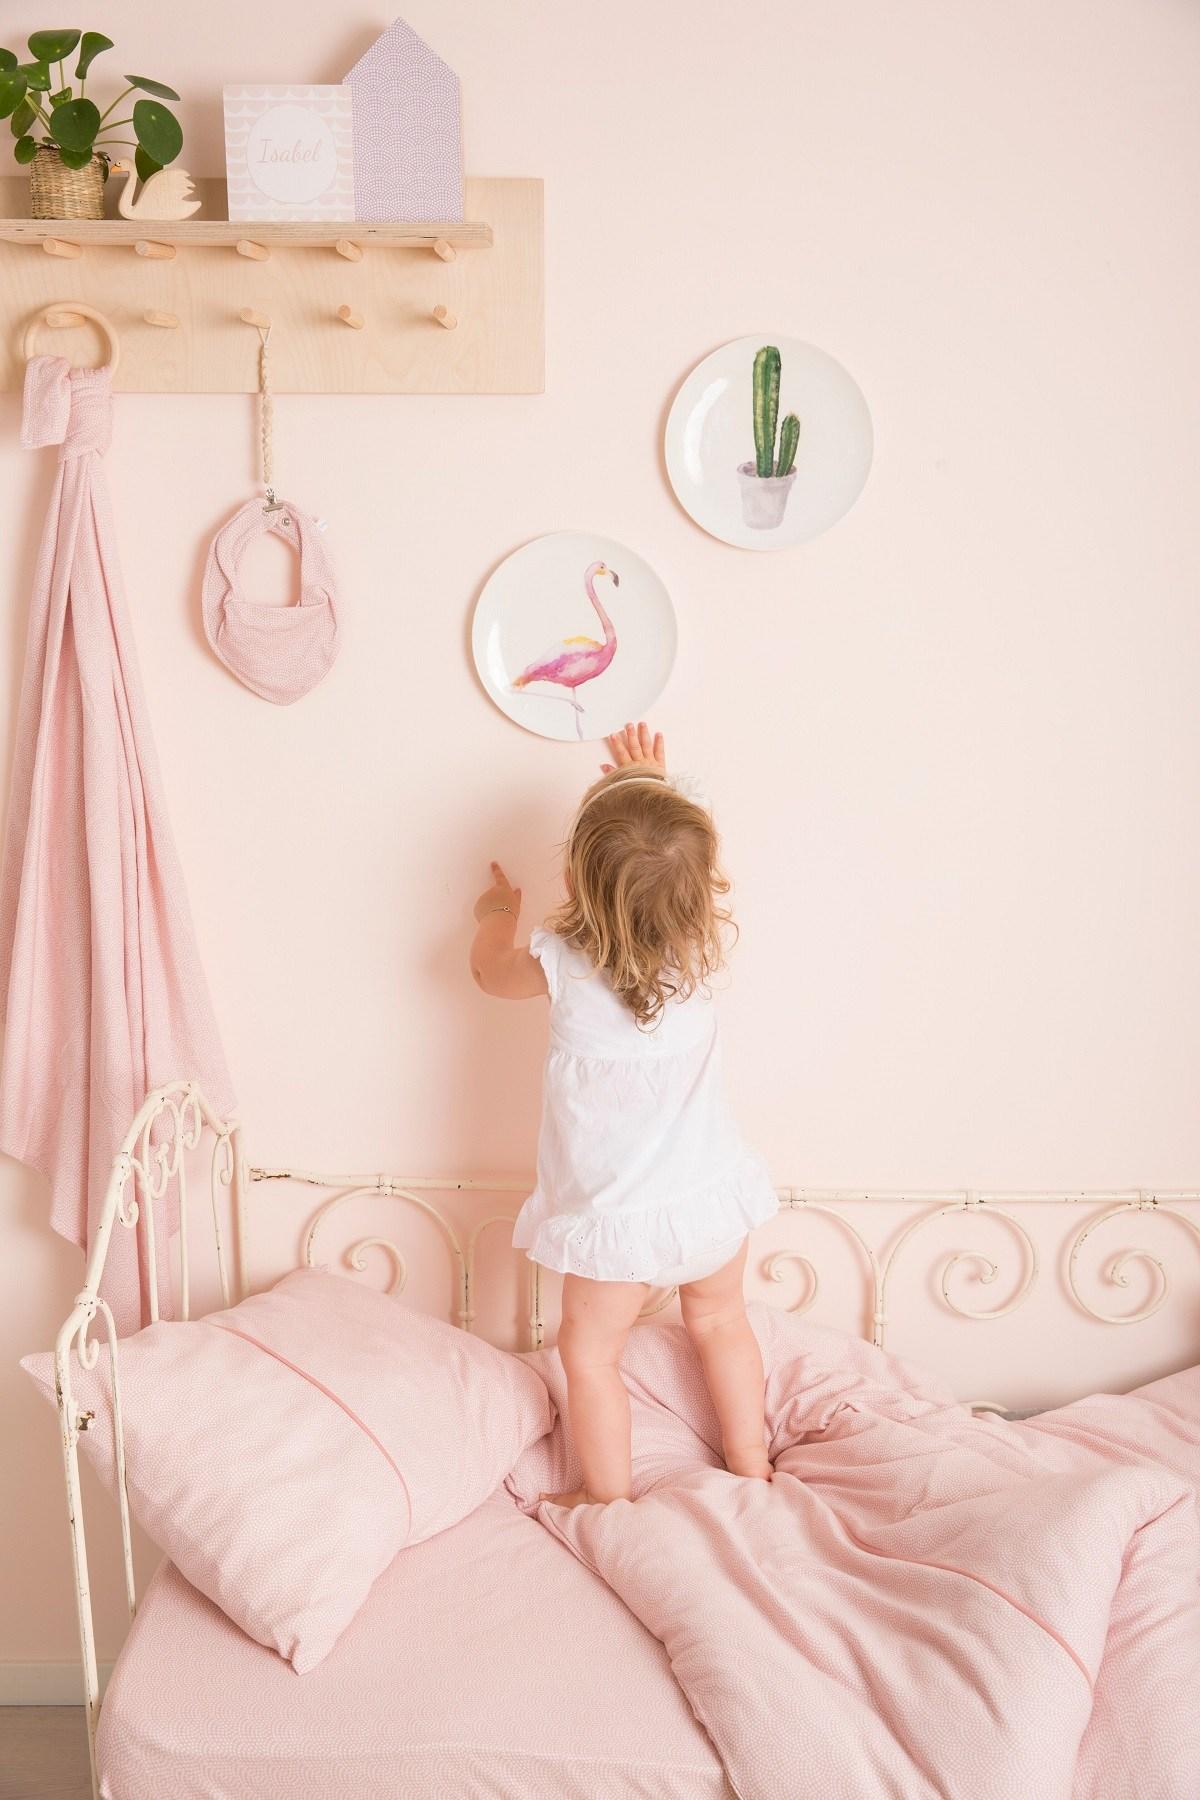 b93704925d4aa1 Little Dutch Bandana Lätzchen Pink Waves   online kaufen bei picaboo ...